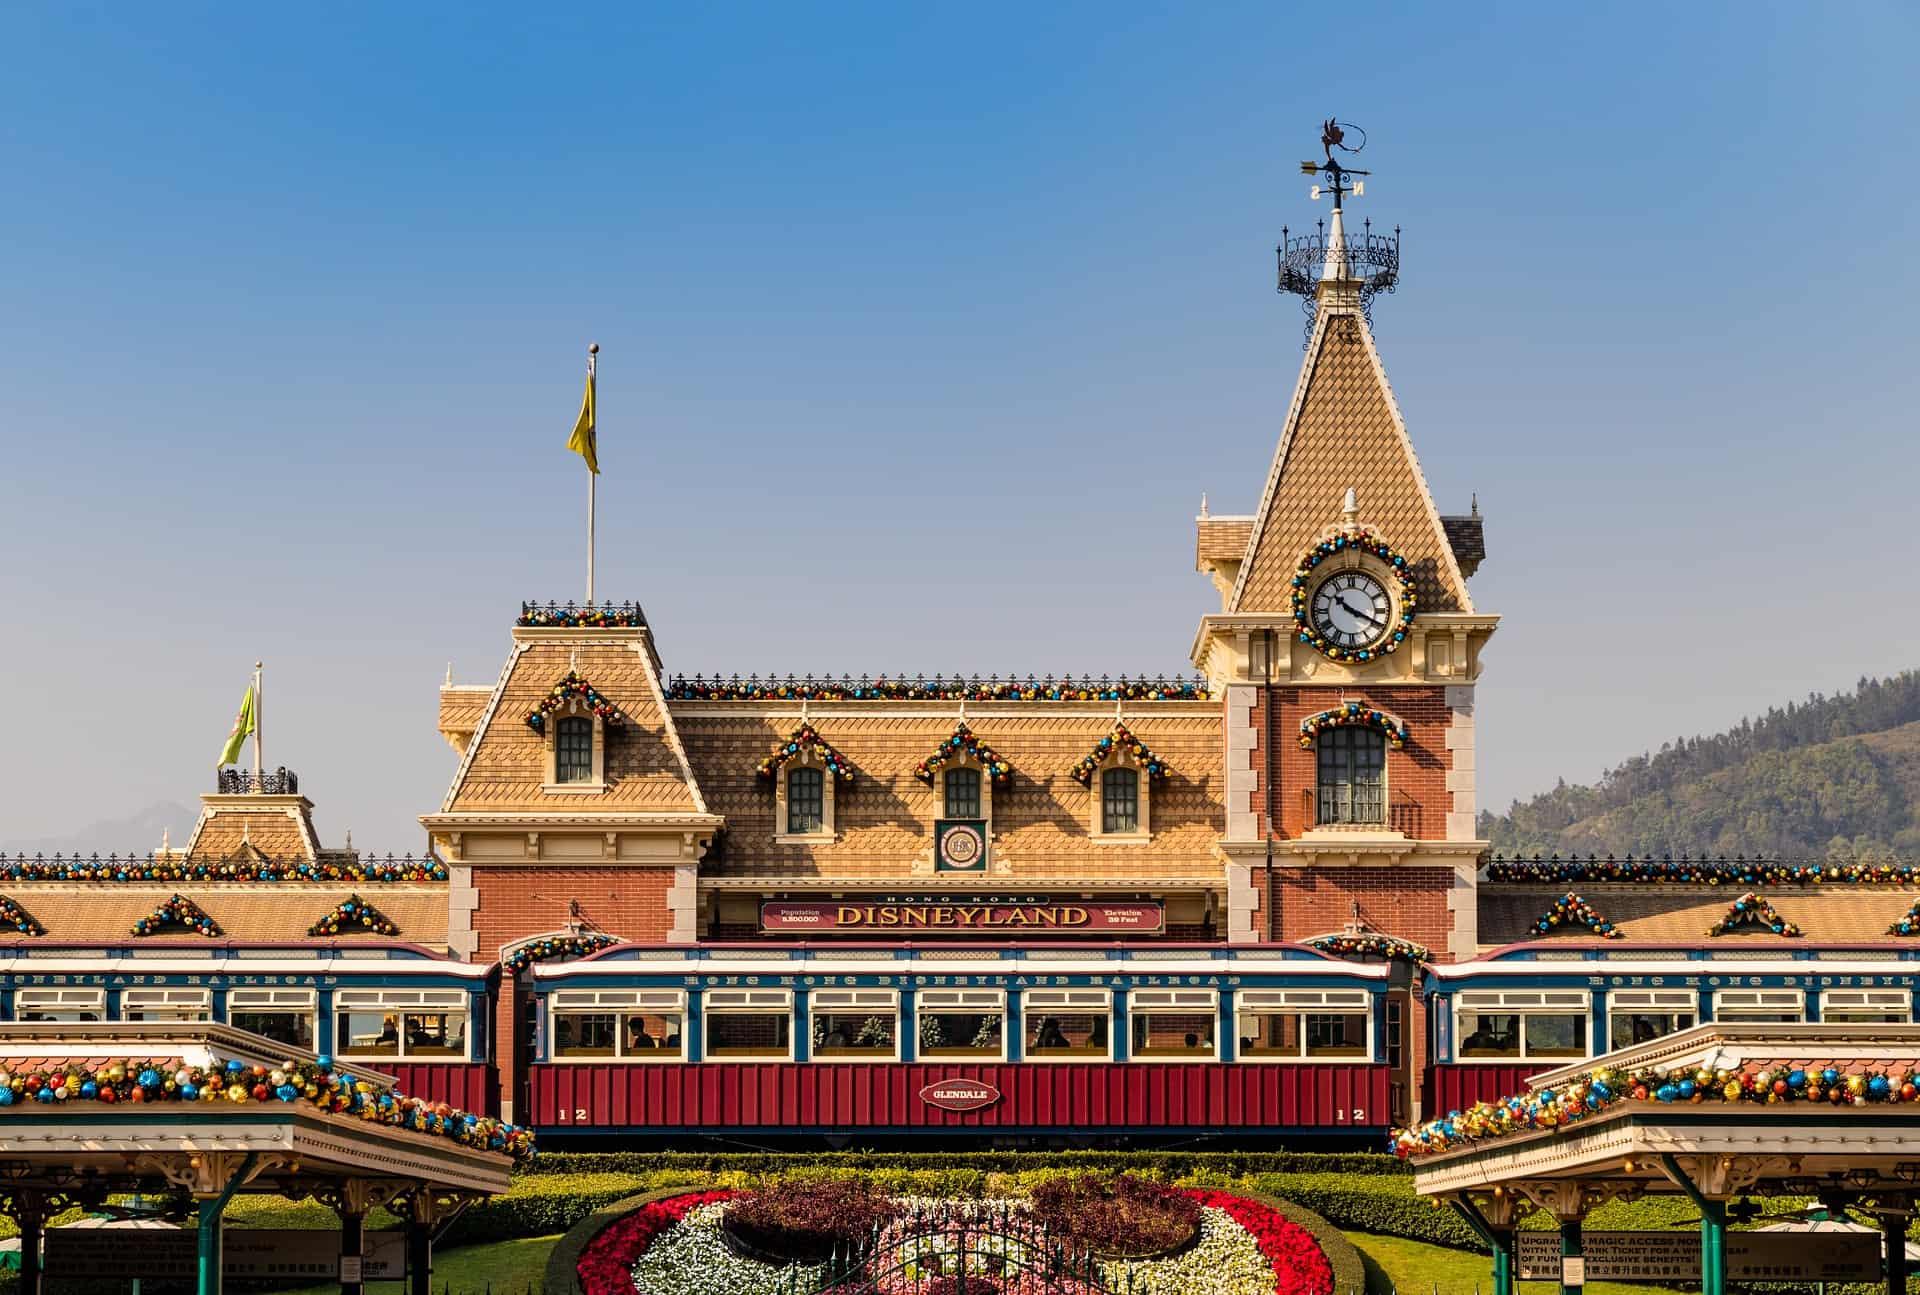 Hong Kong Disneyland Front